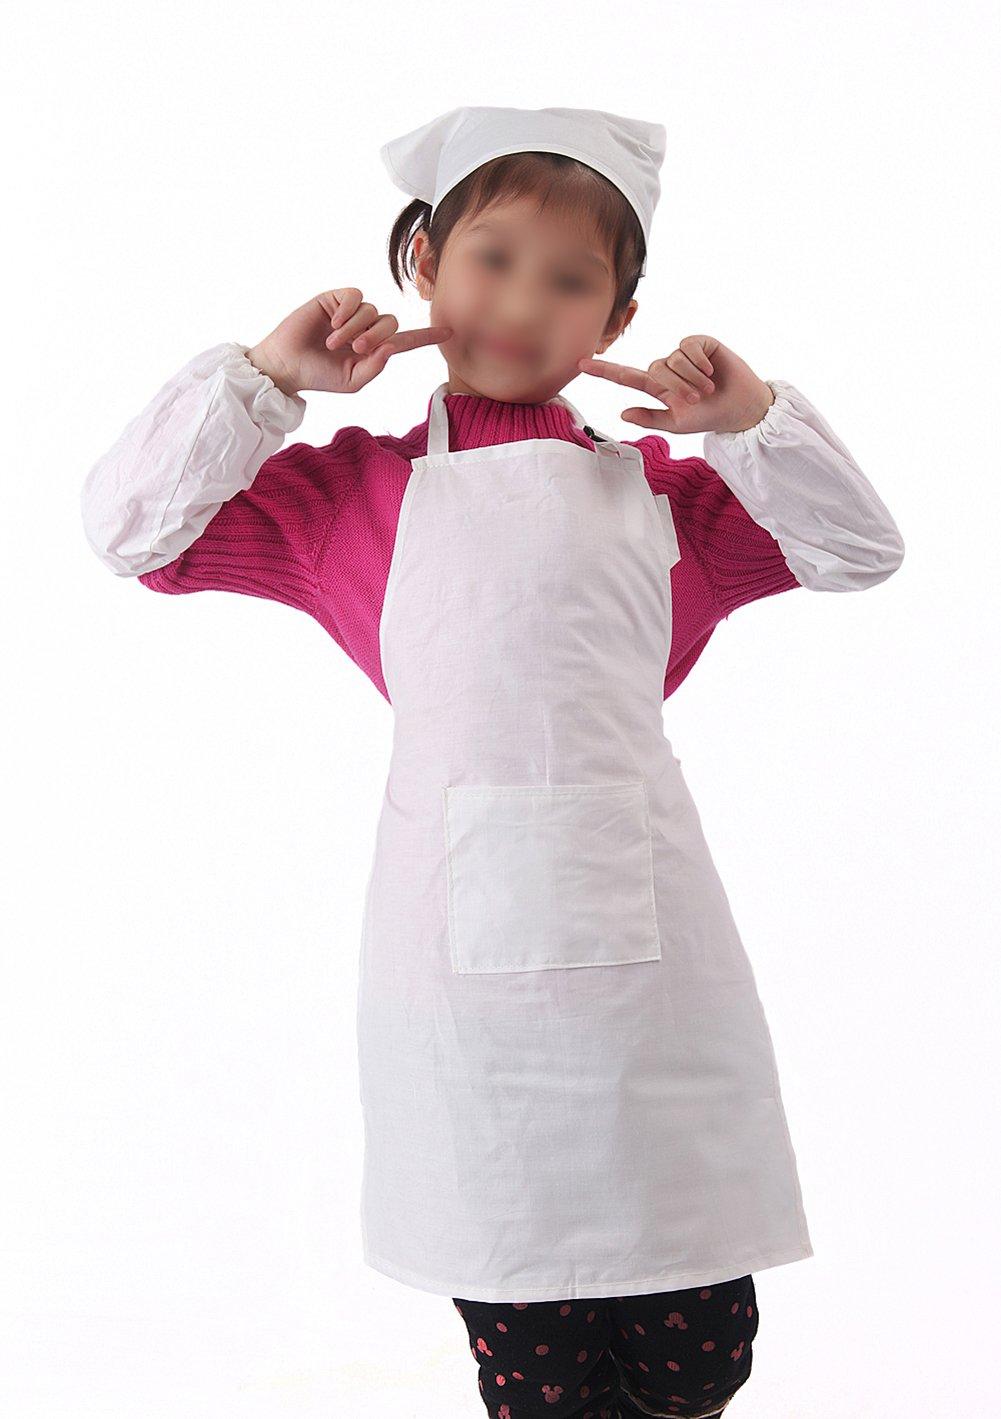 pintura arte de algod/ón blanco con bolsillo para ni/ños Delantal de cocina para horno Chytaii barbacoa jard/ín